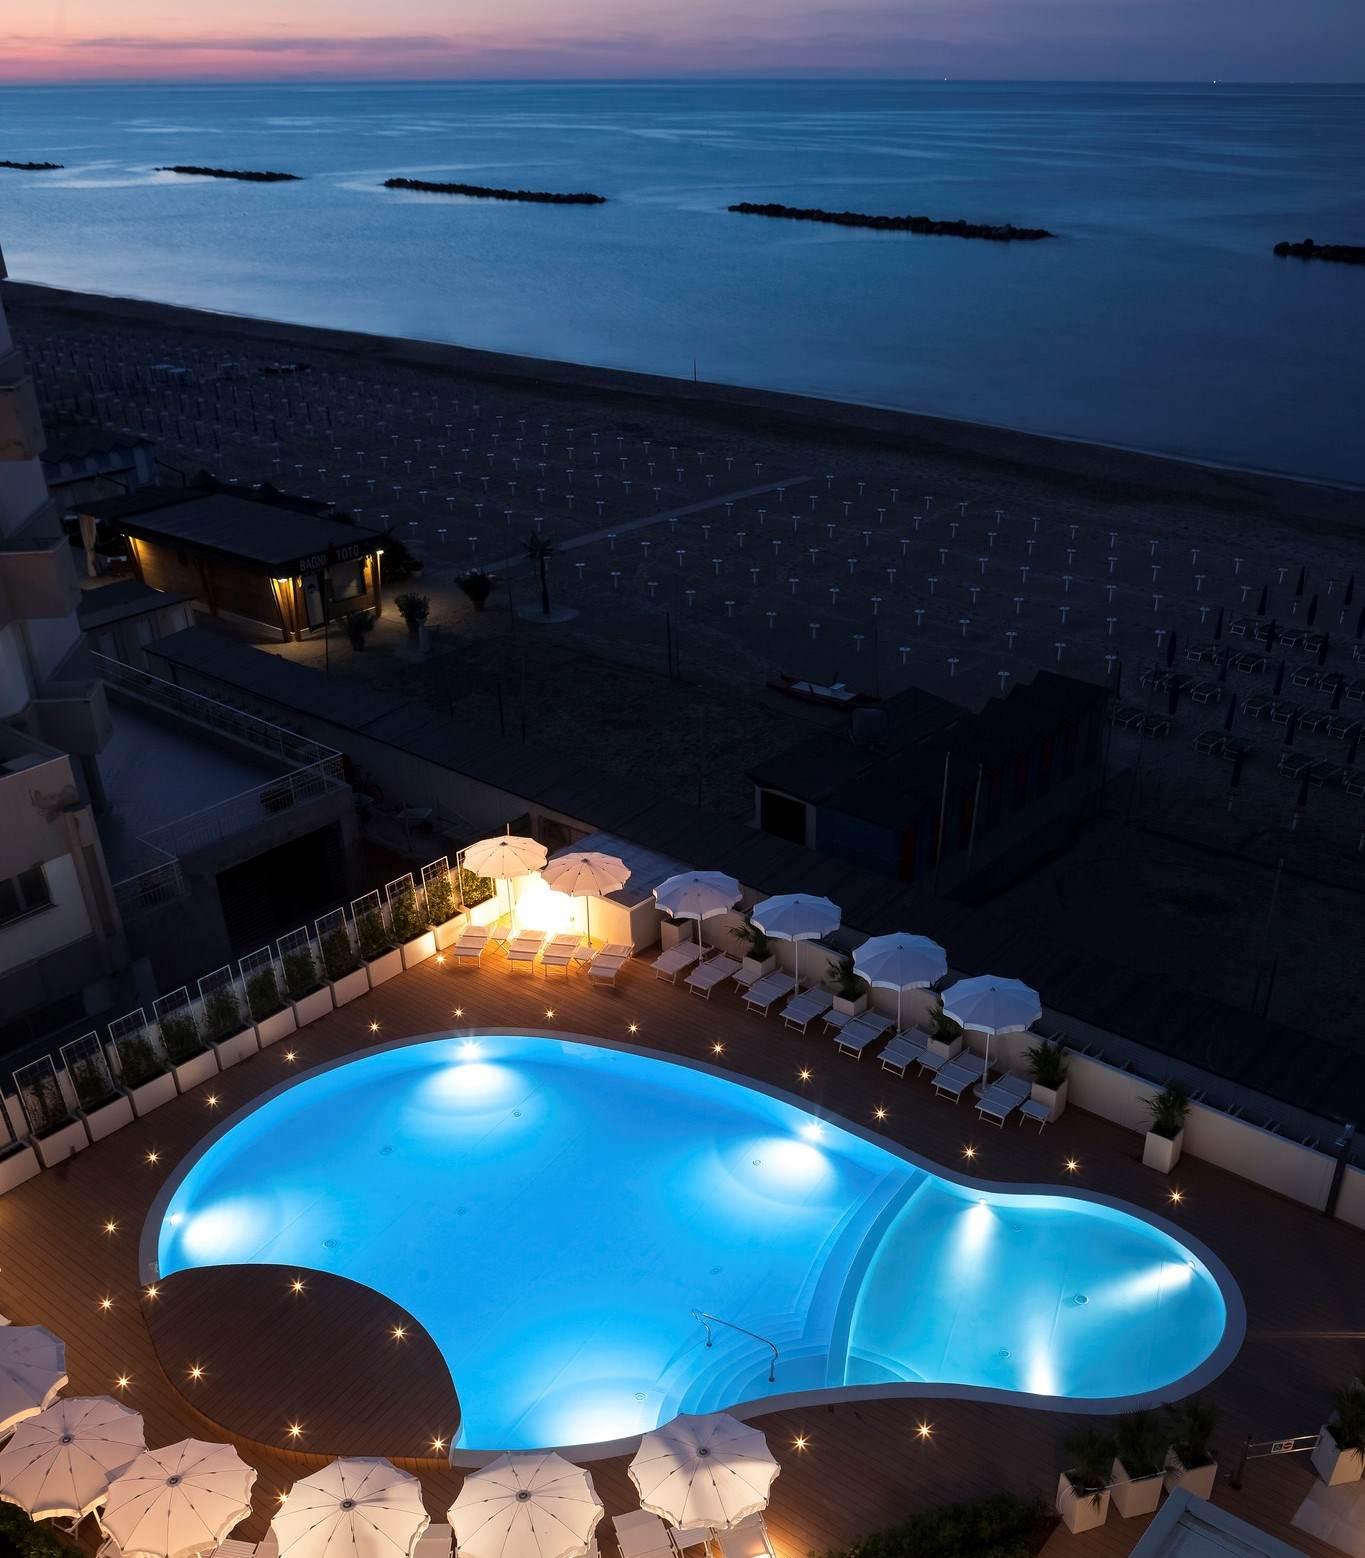 Nautilus family hotel hotel per bambini al mare a pesaro its4kids - Hotel con piscina riscaldata per bambini ...